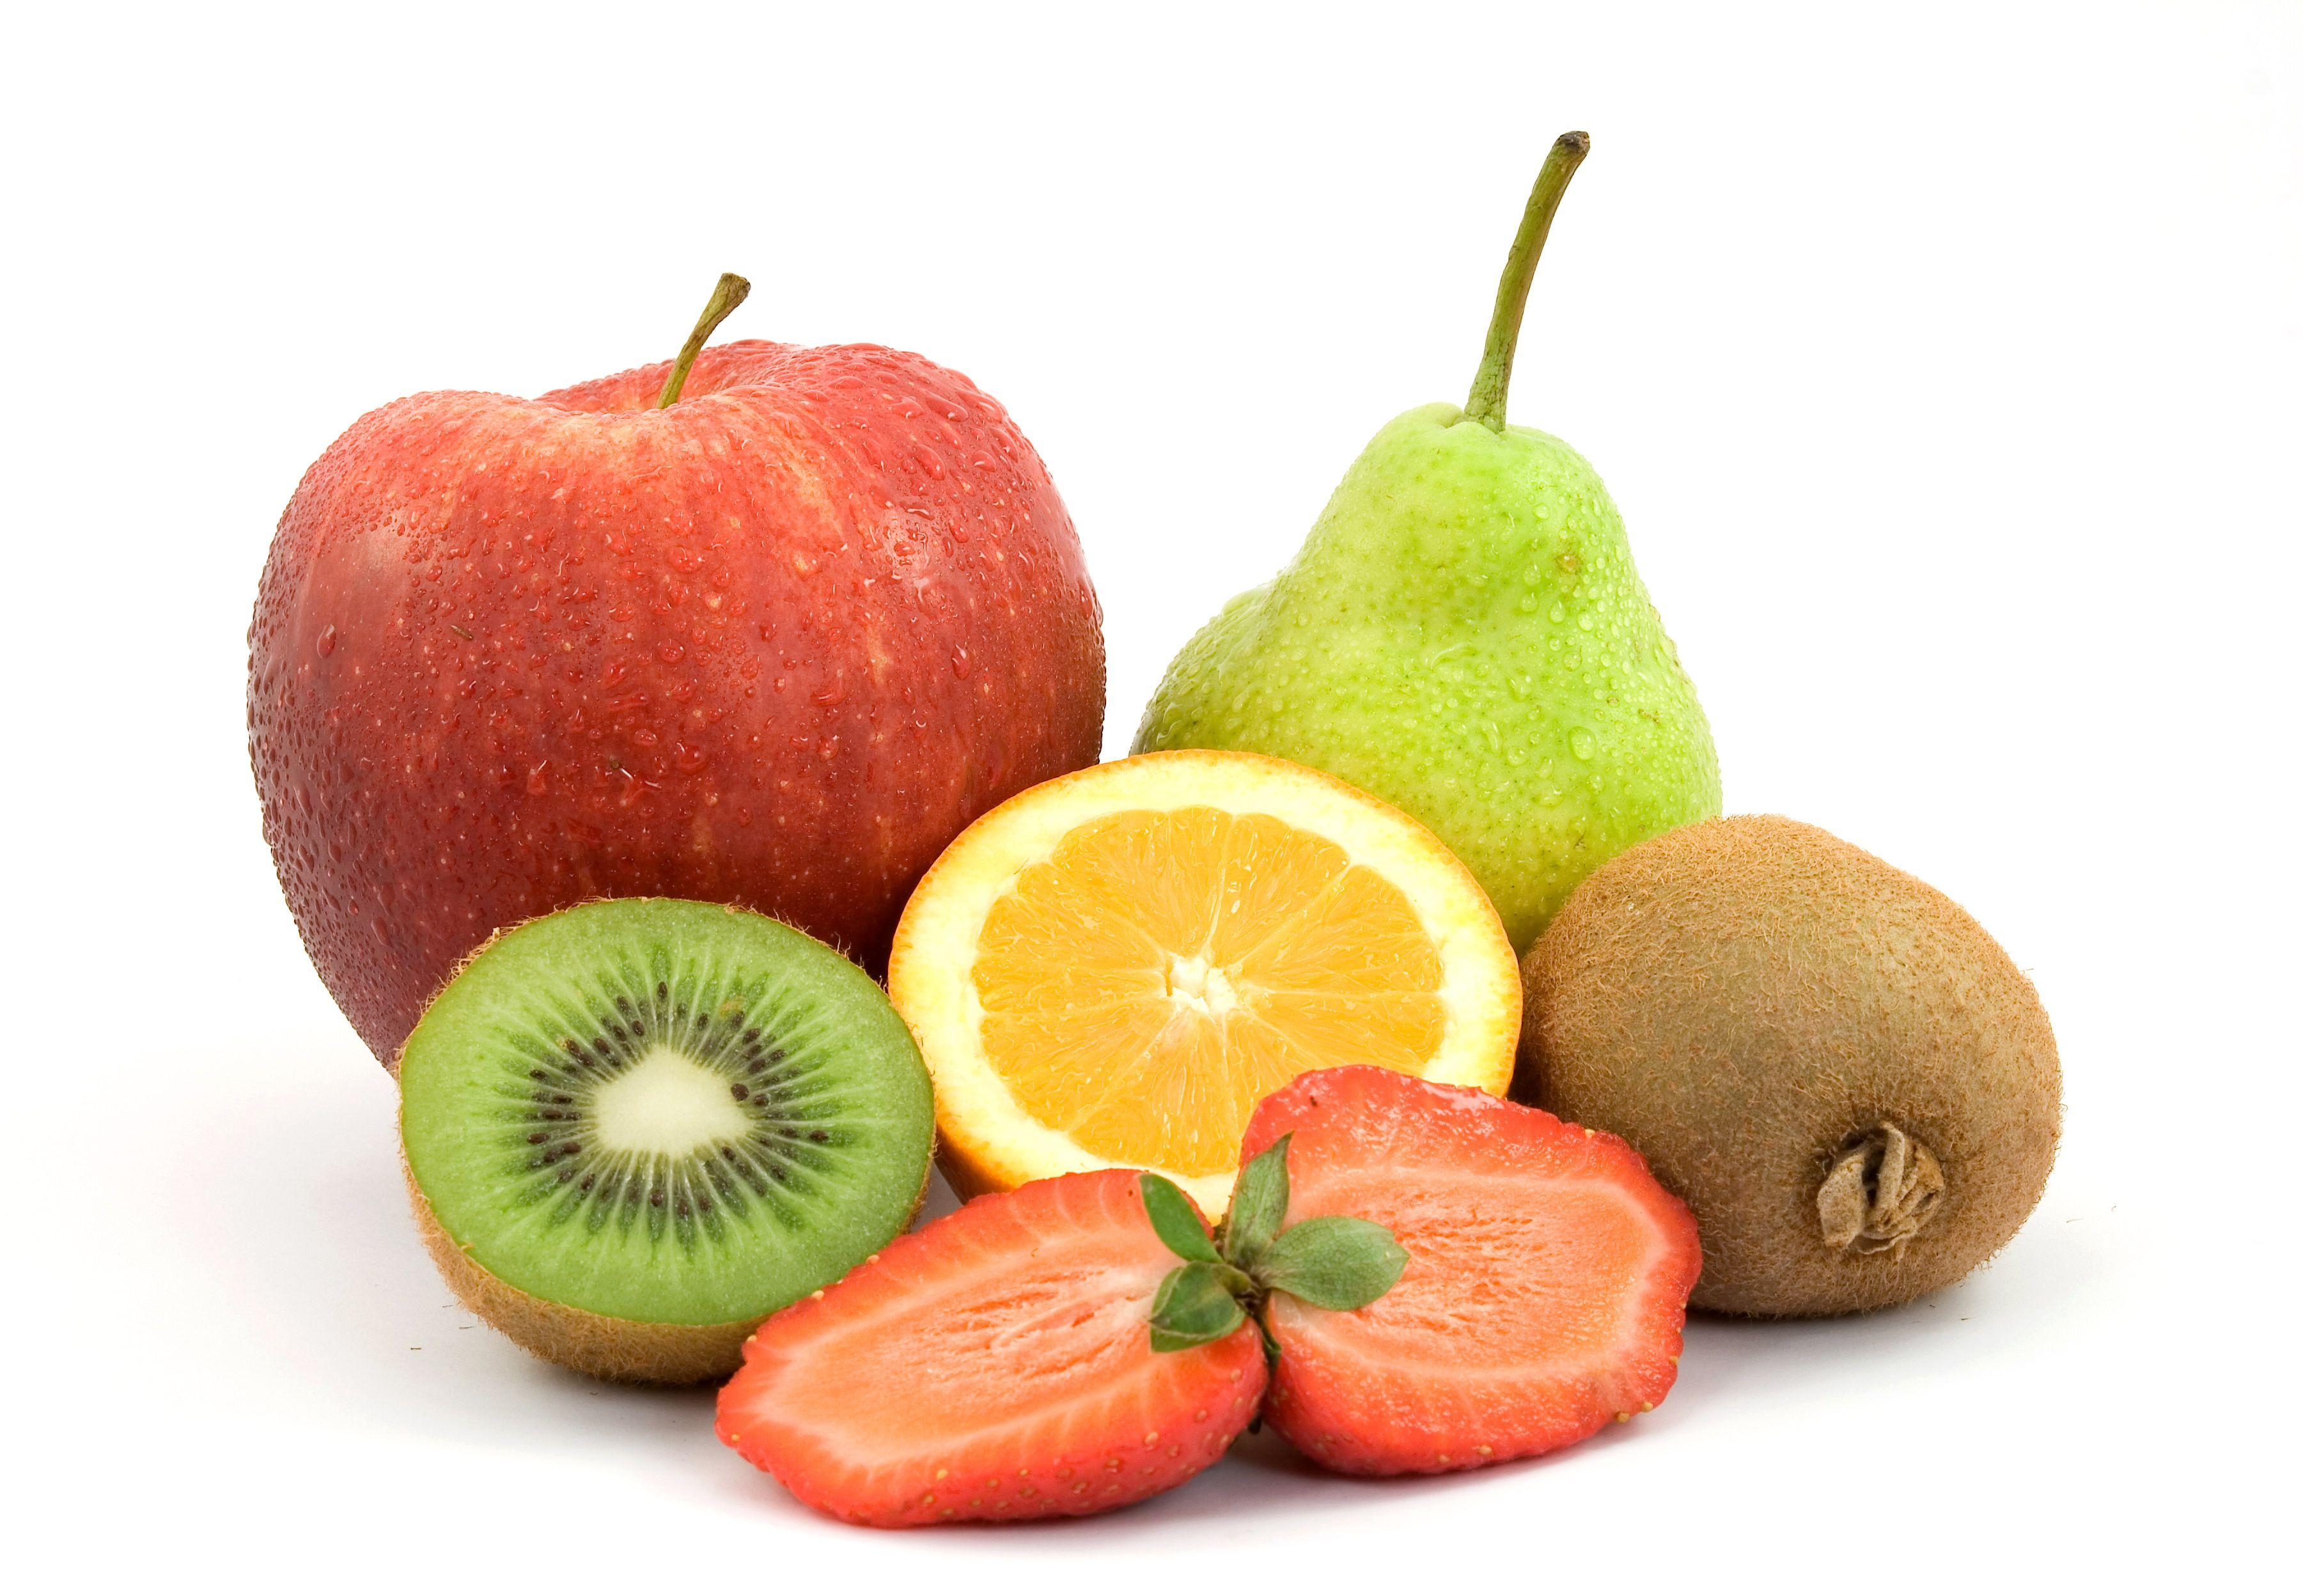 I falsi miti dell 39 alimentazione ii edo blog - Frutta che fa andare in bagno ...